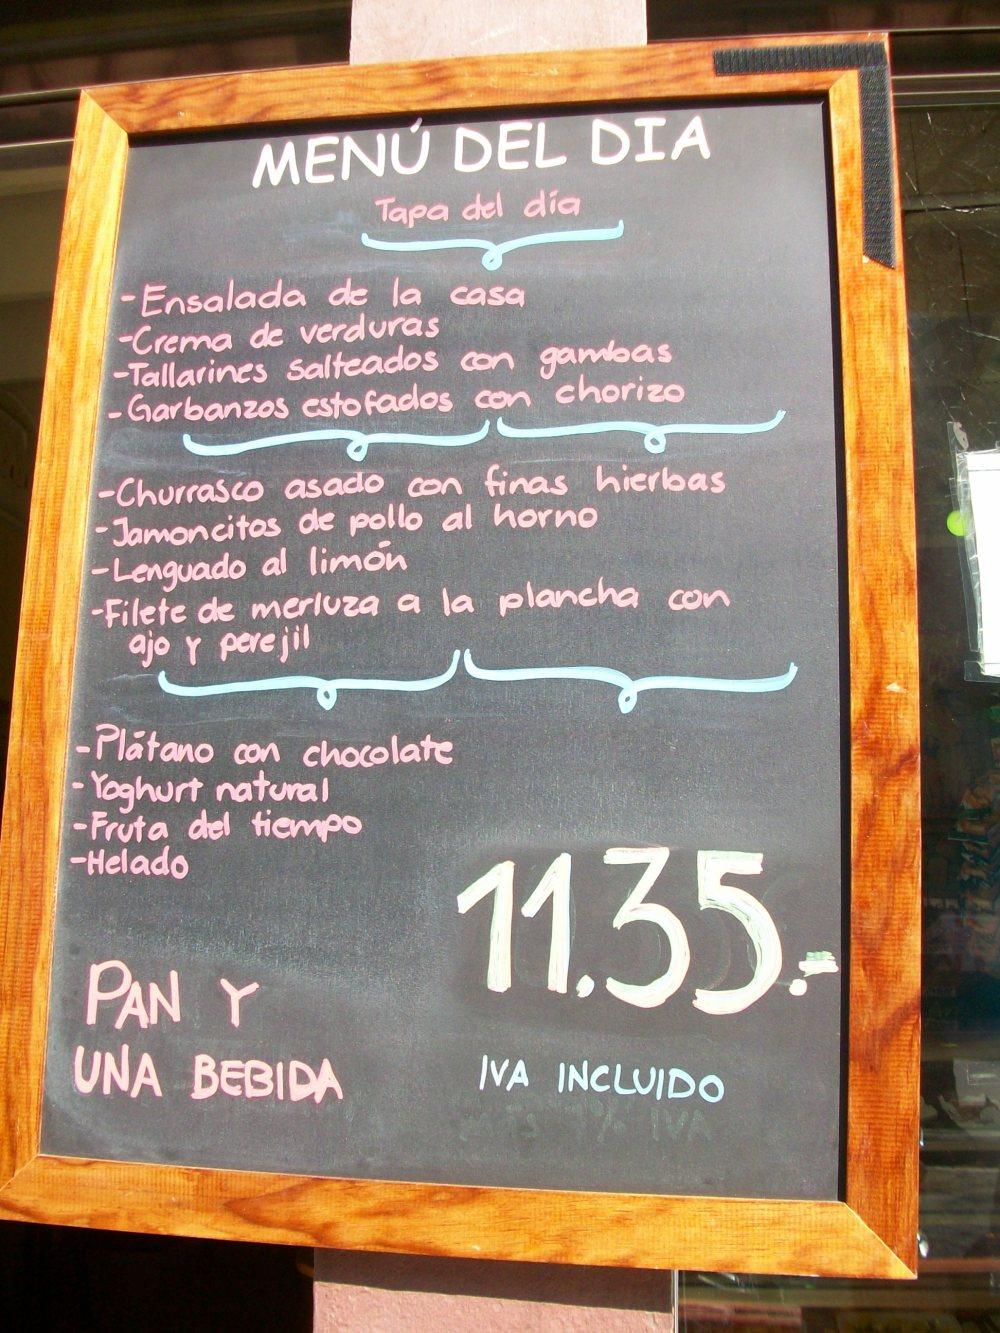 menu-del-día3.jpg